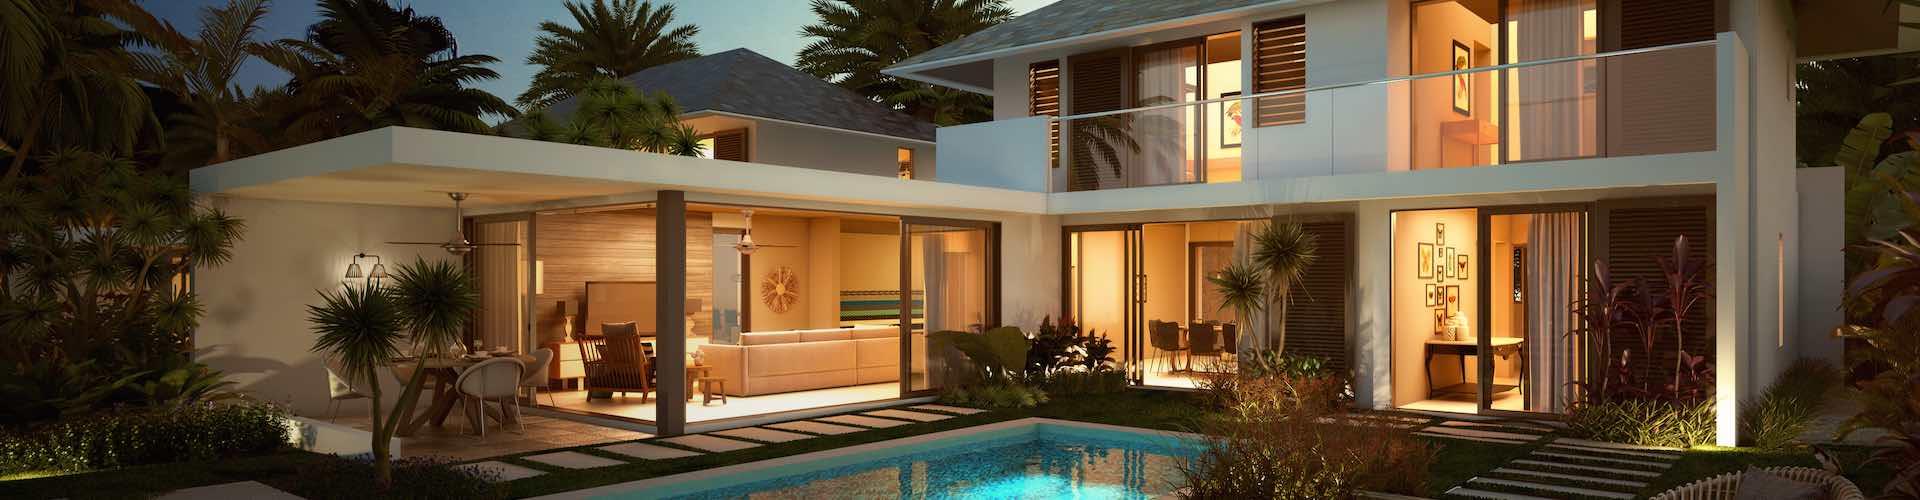 Achat immobilier : réalisez votre projet